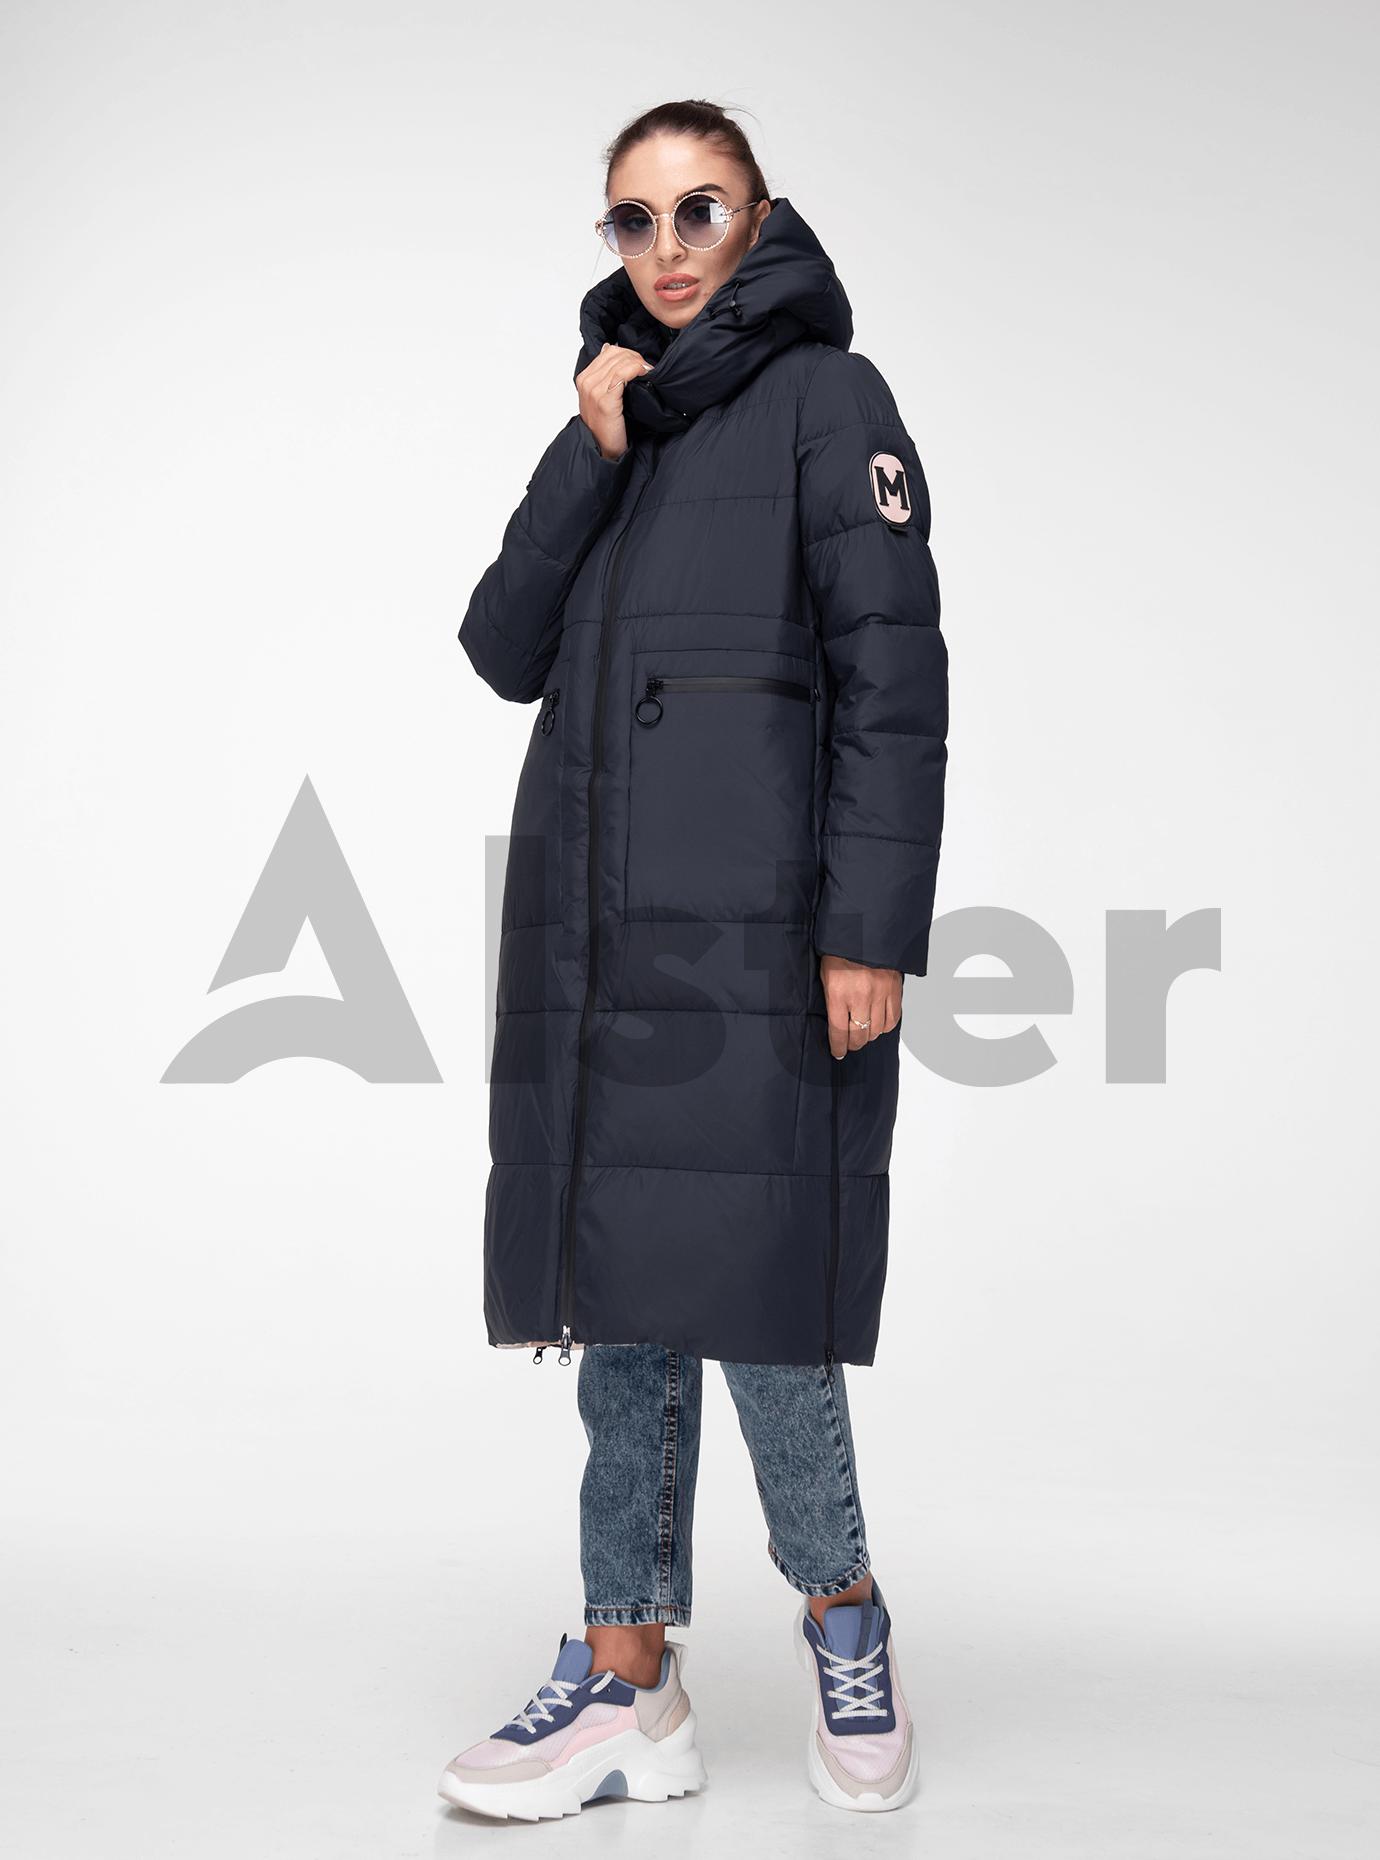 Куртка женская зимняя длинная Синий S (05-T19077): фото - Alster.ua